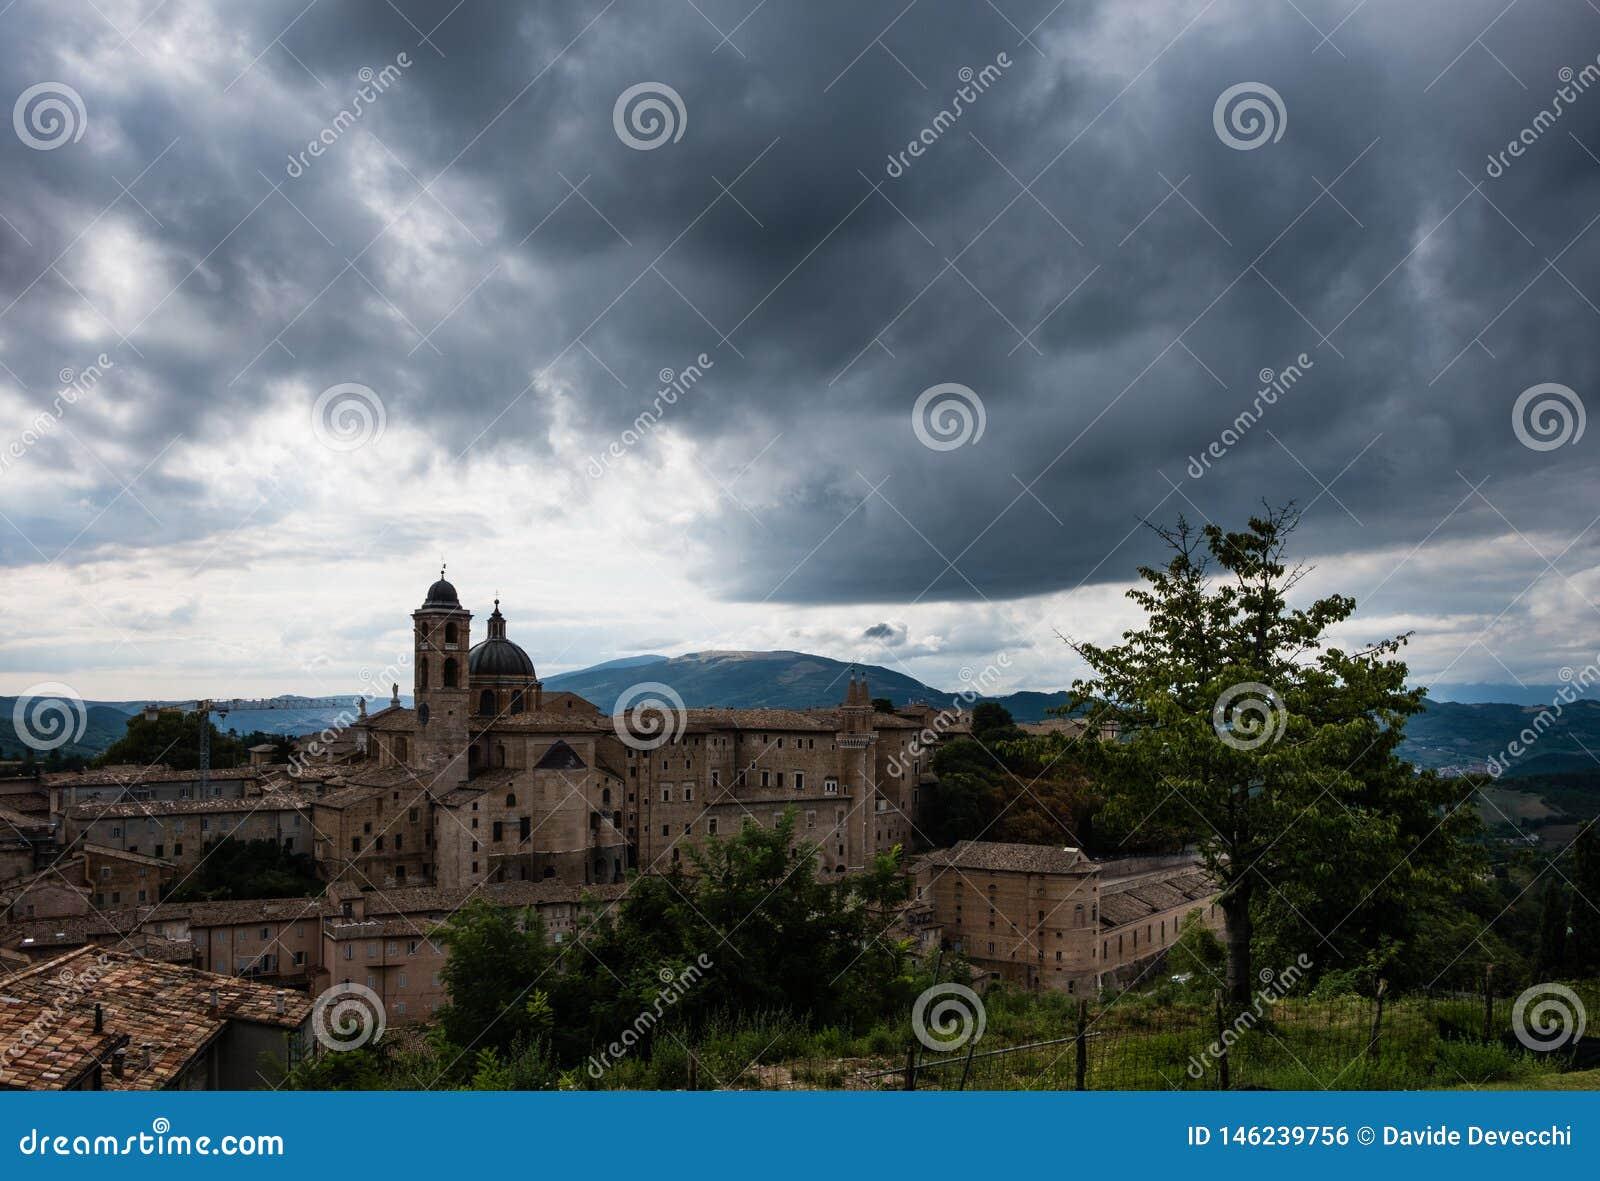 Panoramautsikt av den hertigliga slotten av Urbino i centrala Italien med en dramatisk himmel